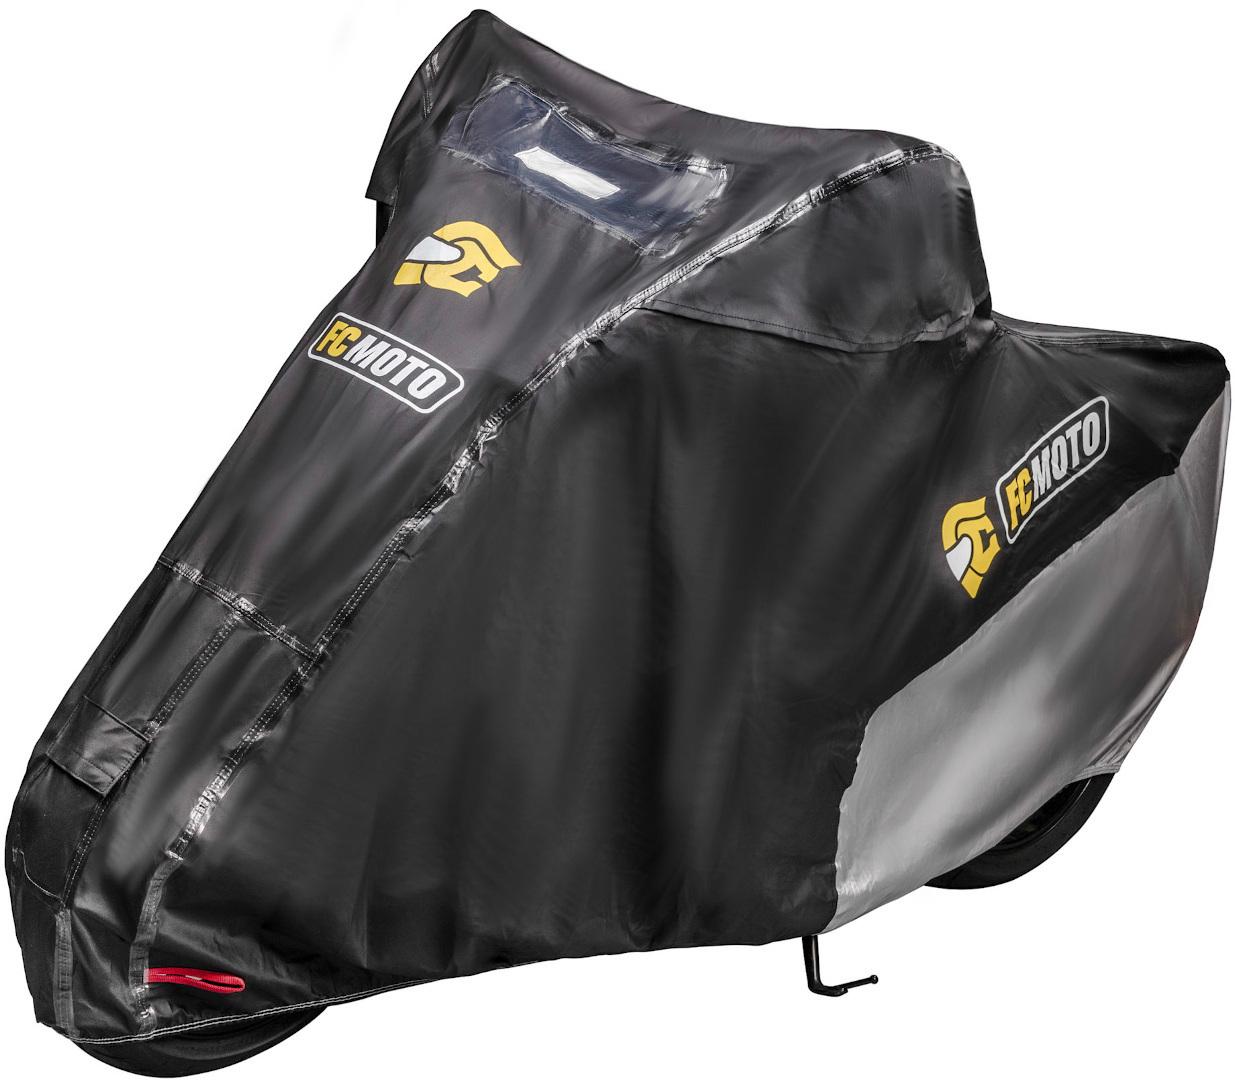 FC-Moto Premium Motorrad Abdeckplane, schwarz, Größe L, schwarz, Größe L